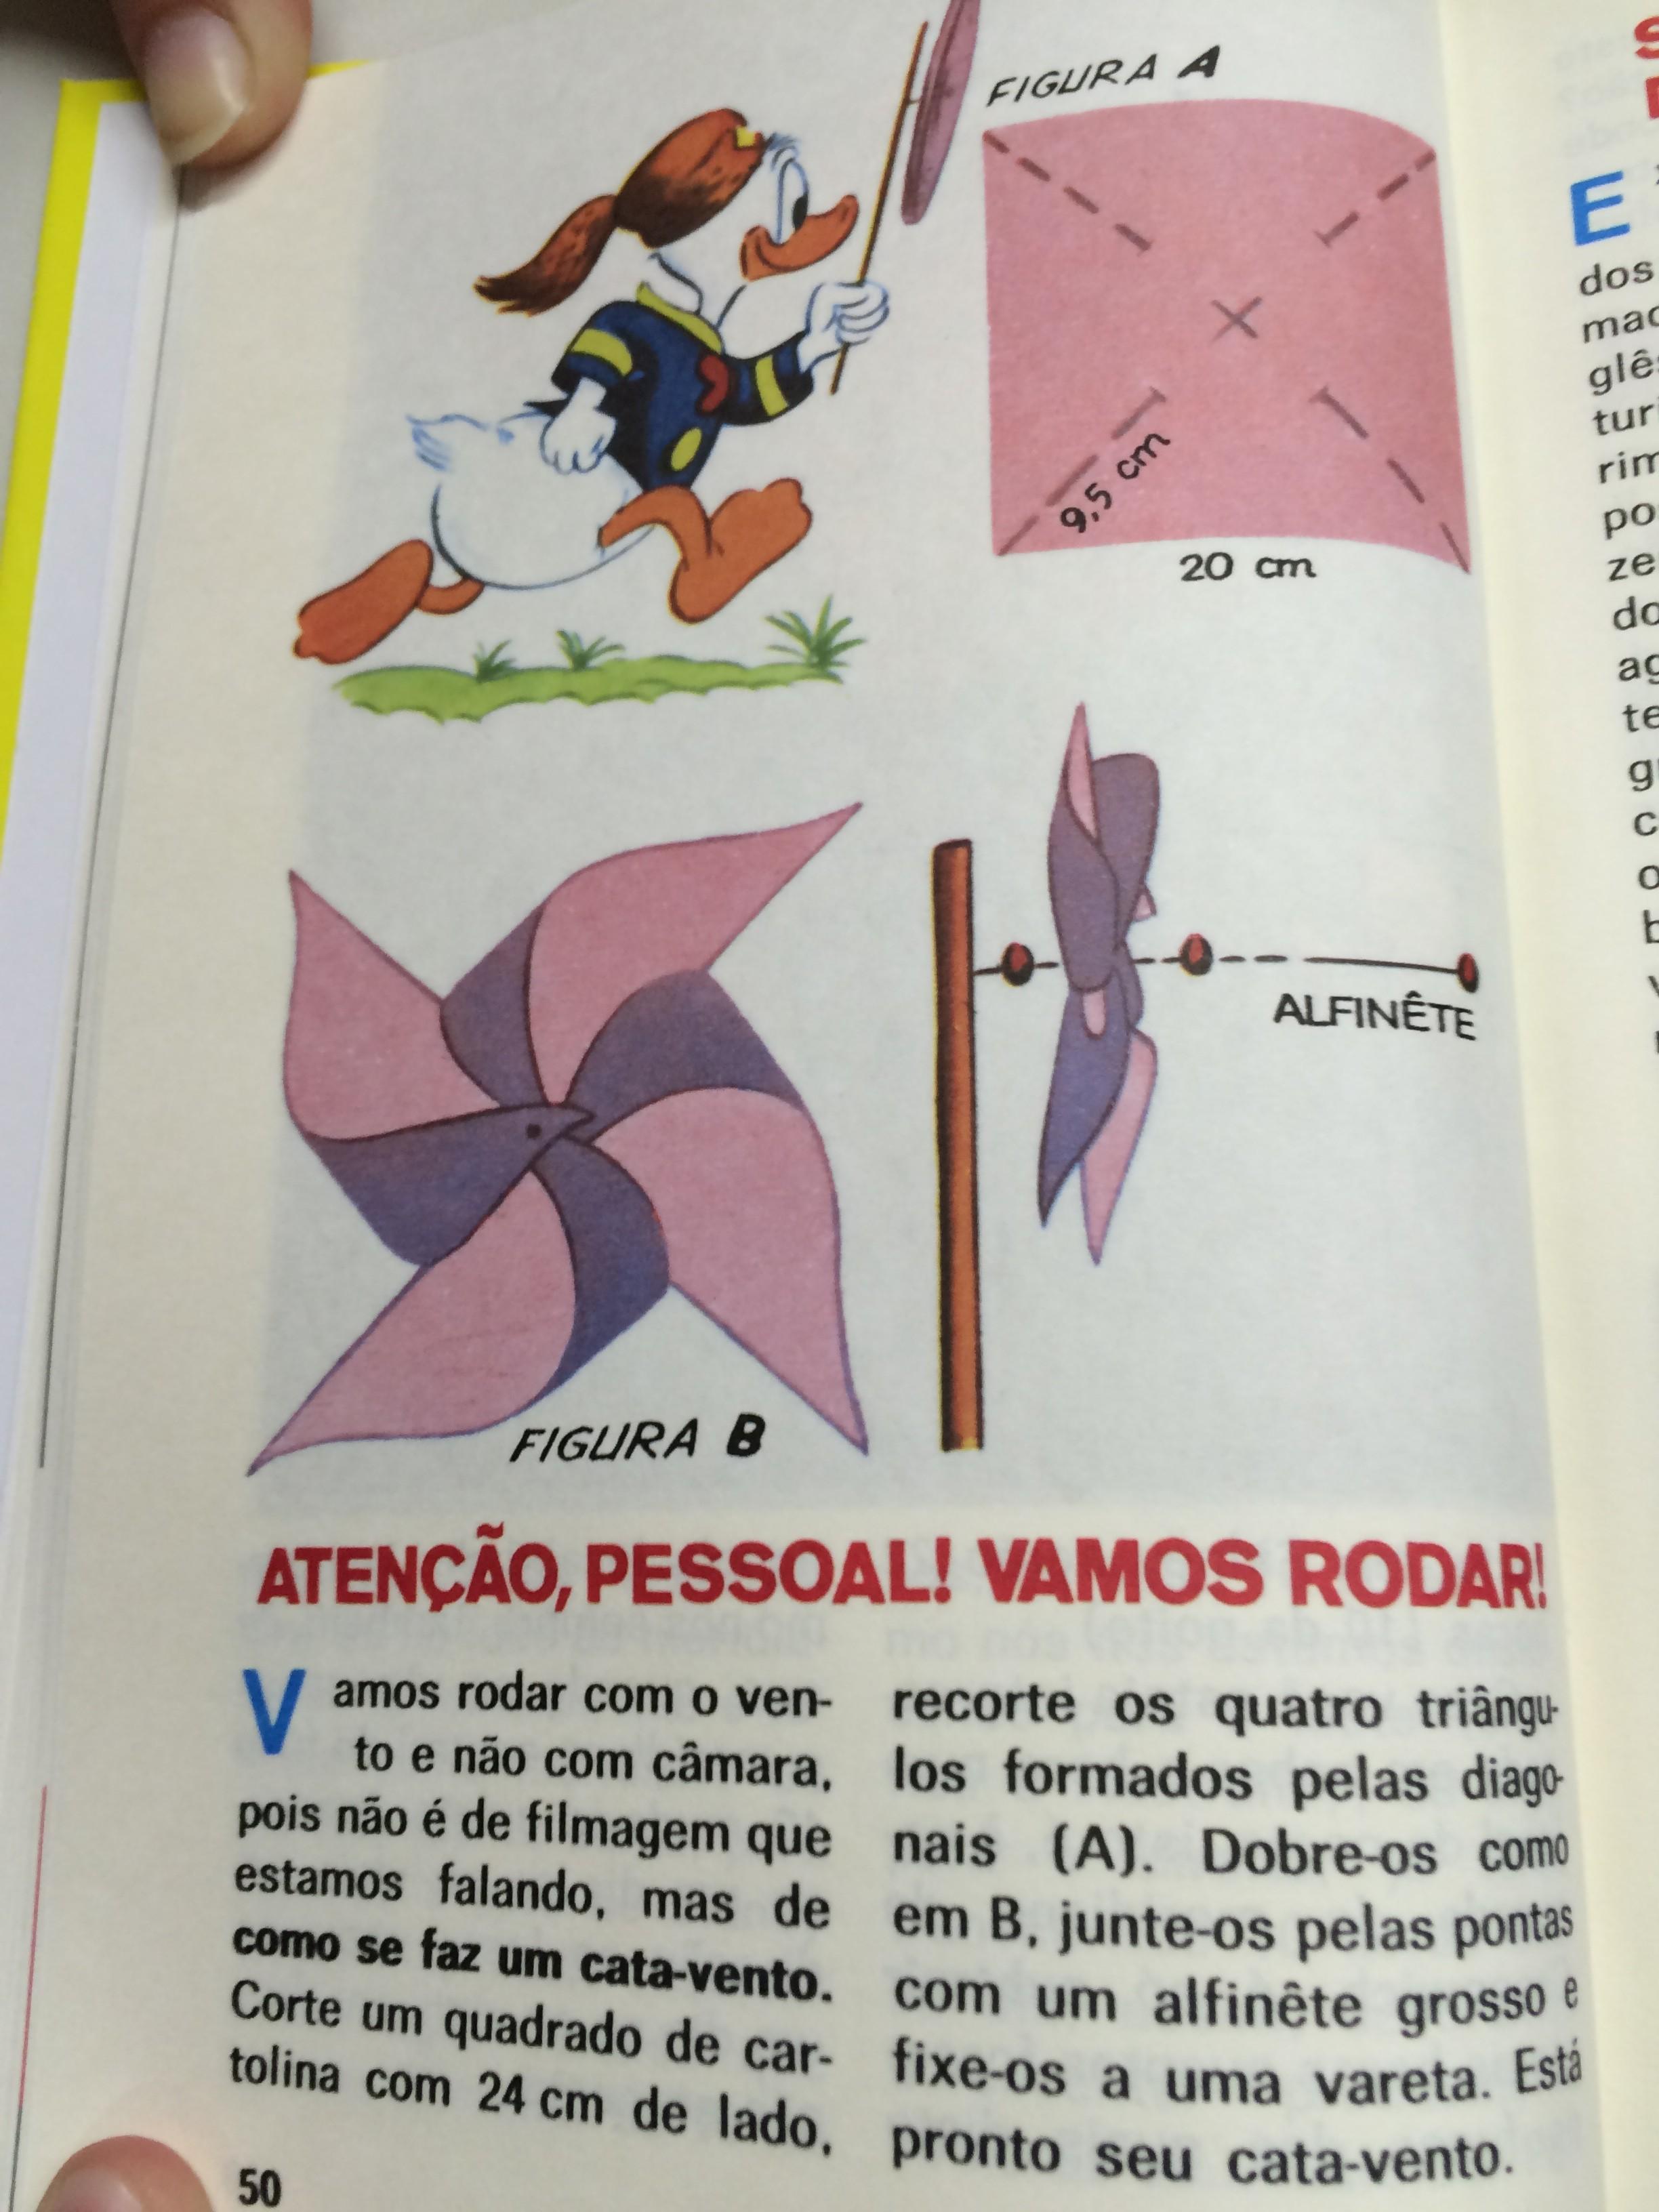 Como fazer um cata-vento